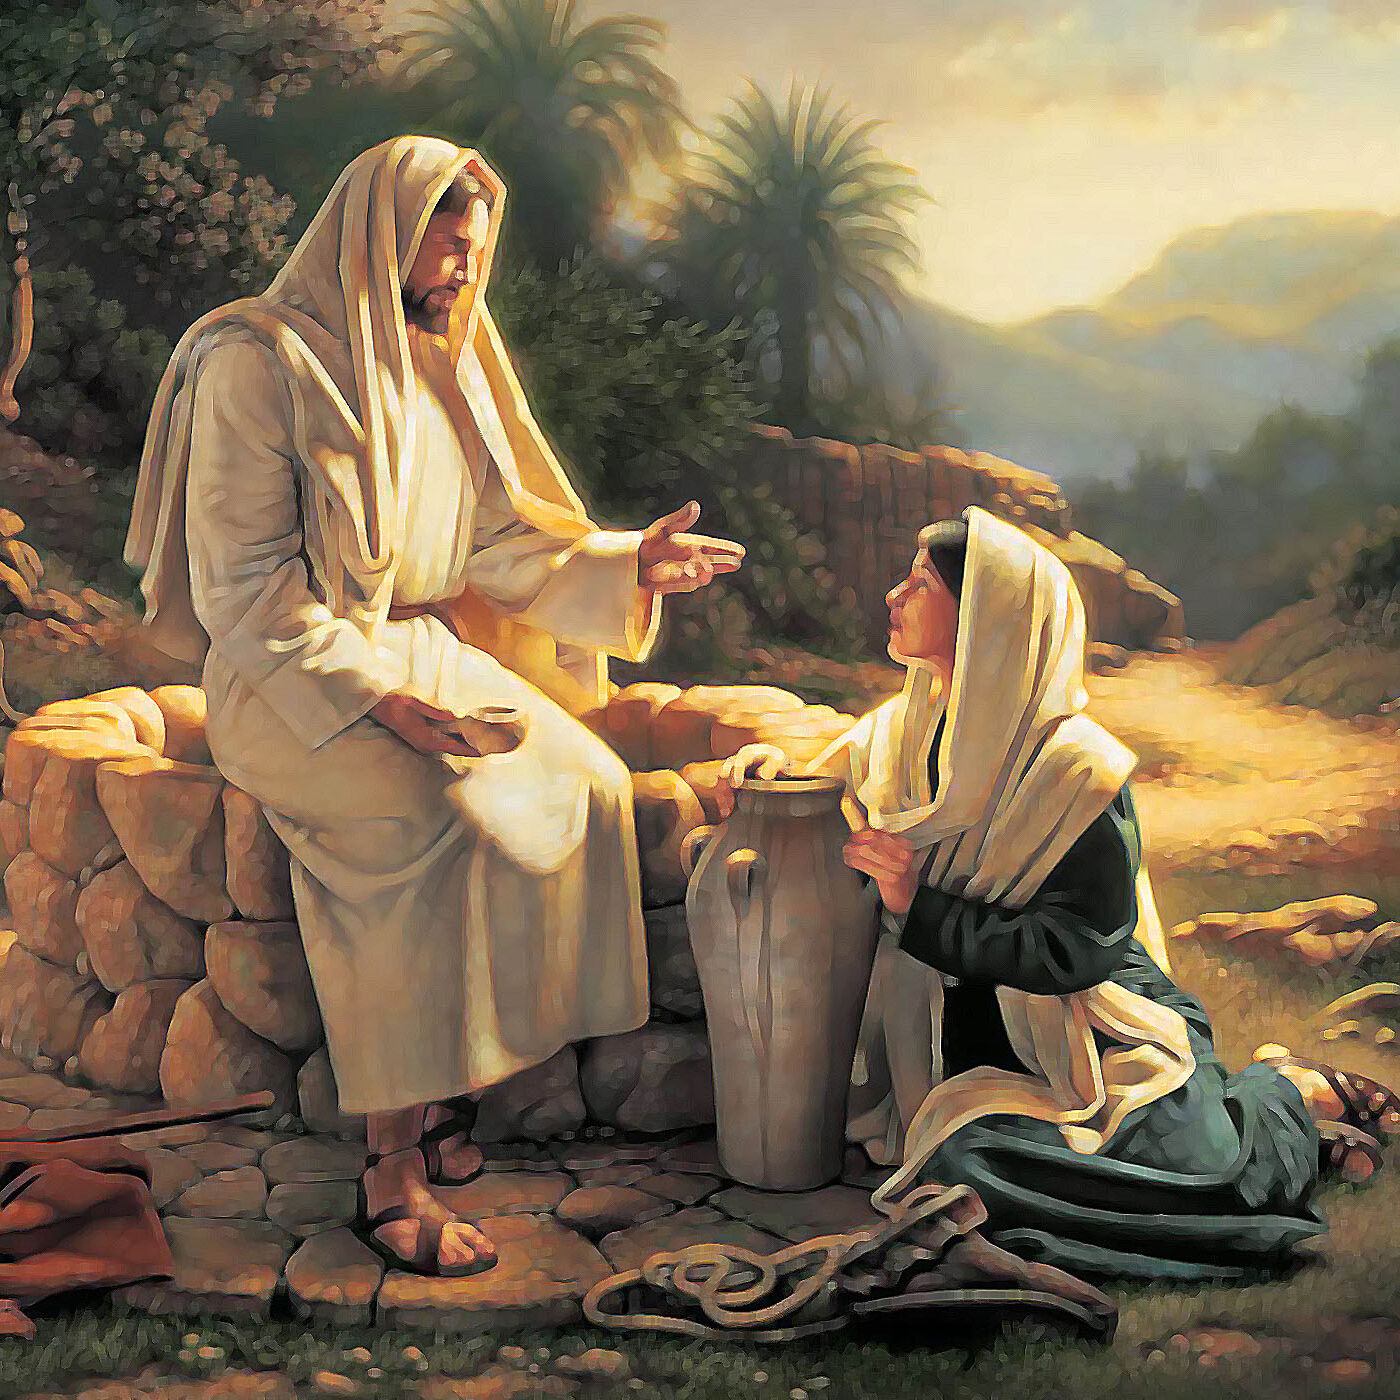 riflessioni sul Vangelo di Mercoledì 24 Marzo 2021 (Gv 8, 31-42)